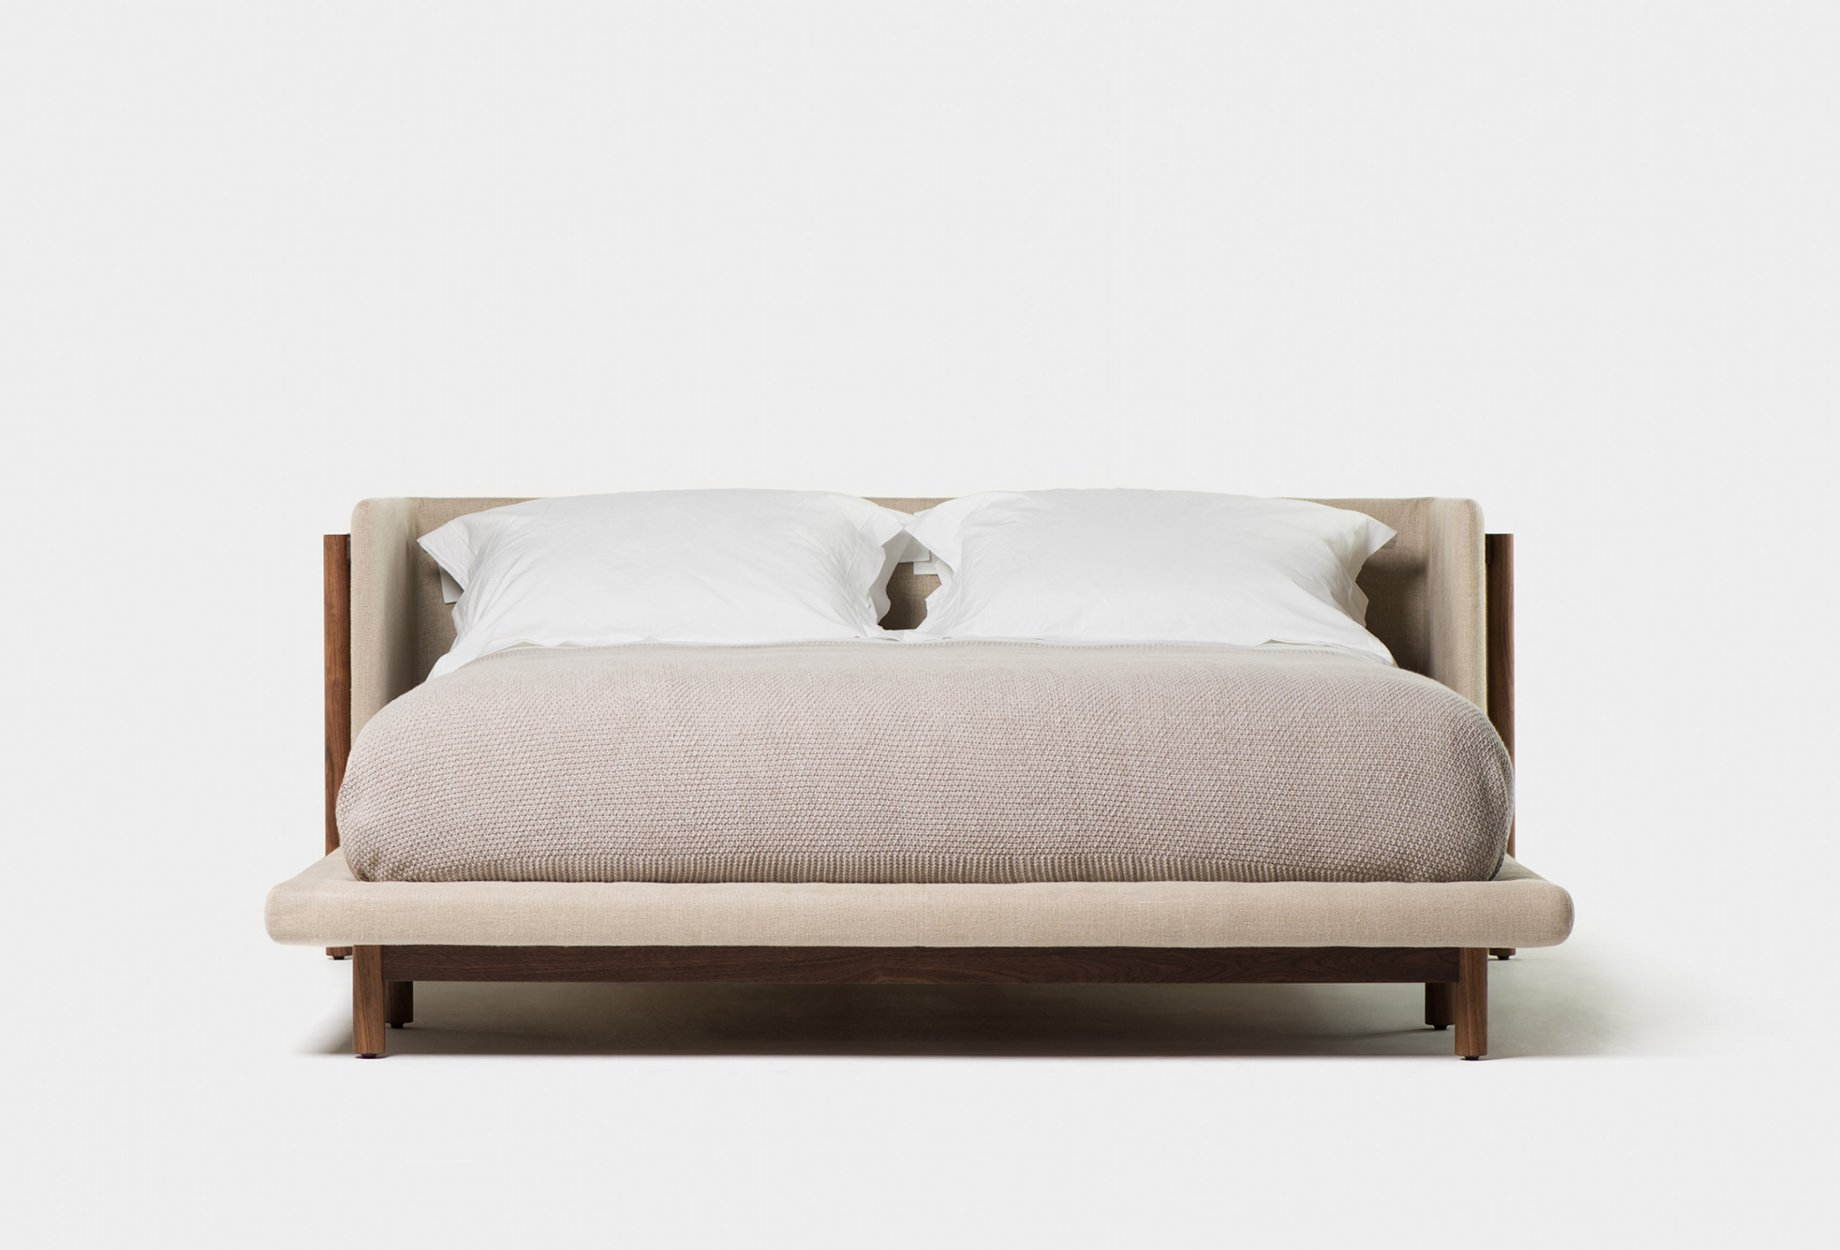 Beautiful Bett Frame Mit Kopfteil Walnuss Queensize Bild With Mit Kopfteil